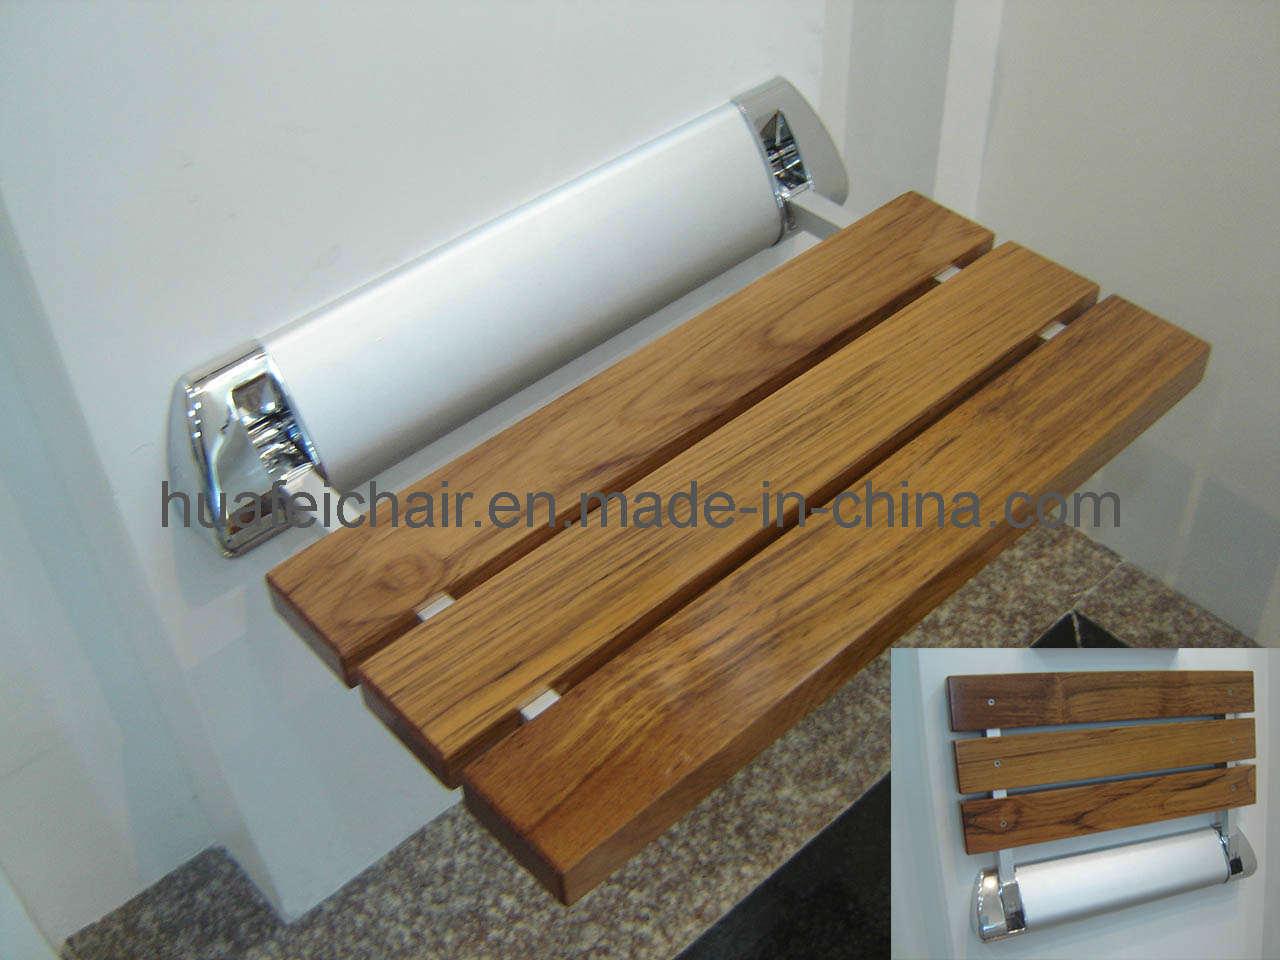 Cadeira do banheiro (D 3 Chrome) –Cadeira do banheiro (D 3 Chrome  #68492C 1280x960 Acessorios Banheiro China